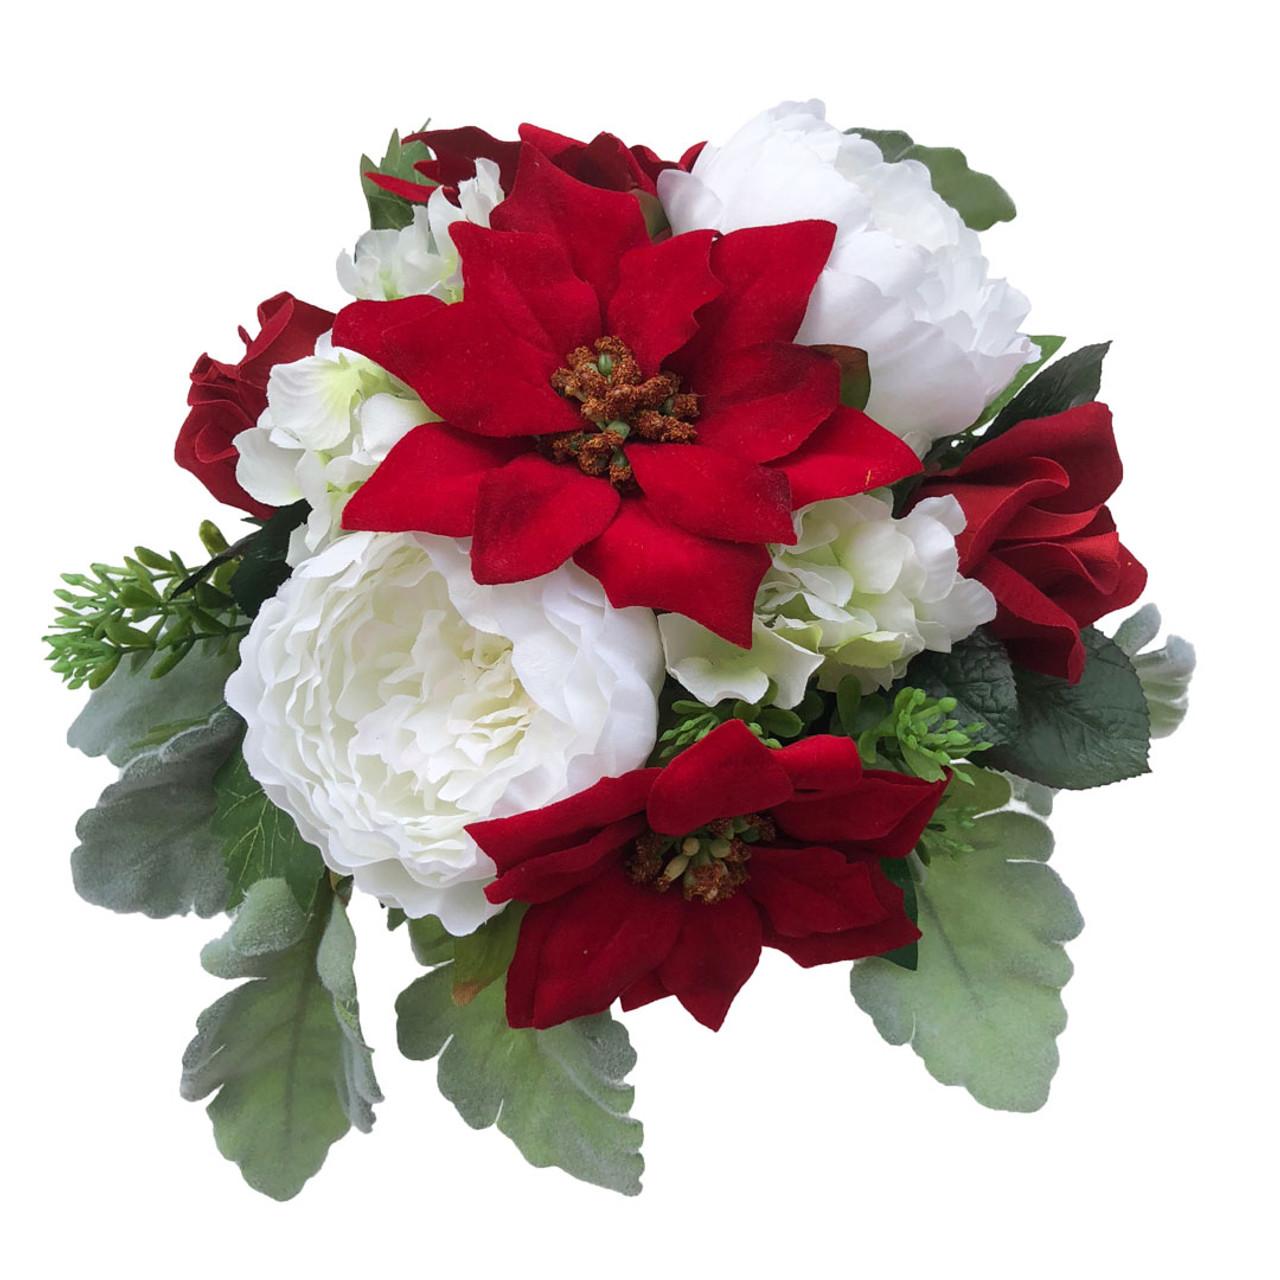 Red Christmas Poinsettia Velvet Holiday Wedding Silk Flower Bridal